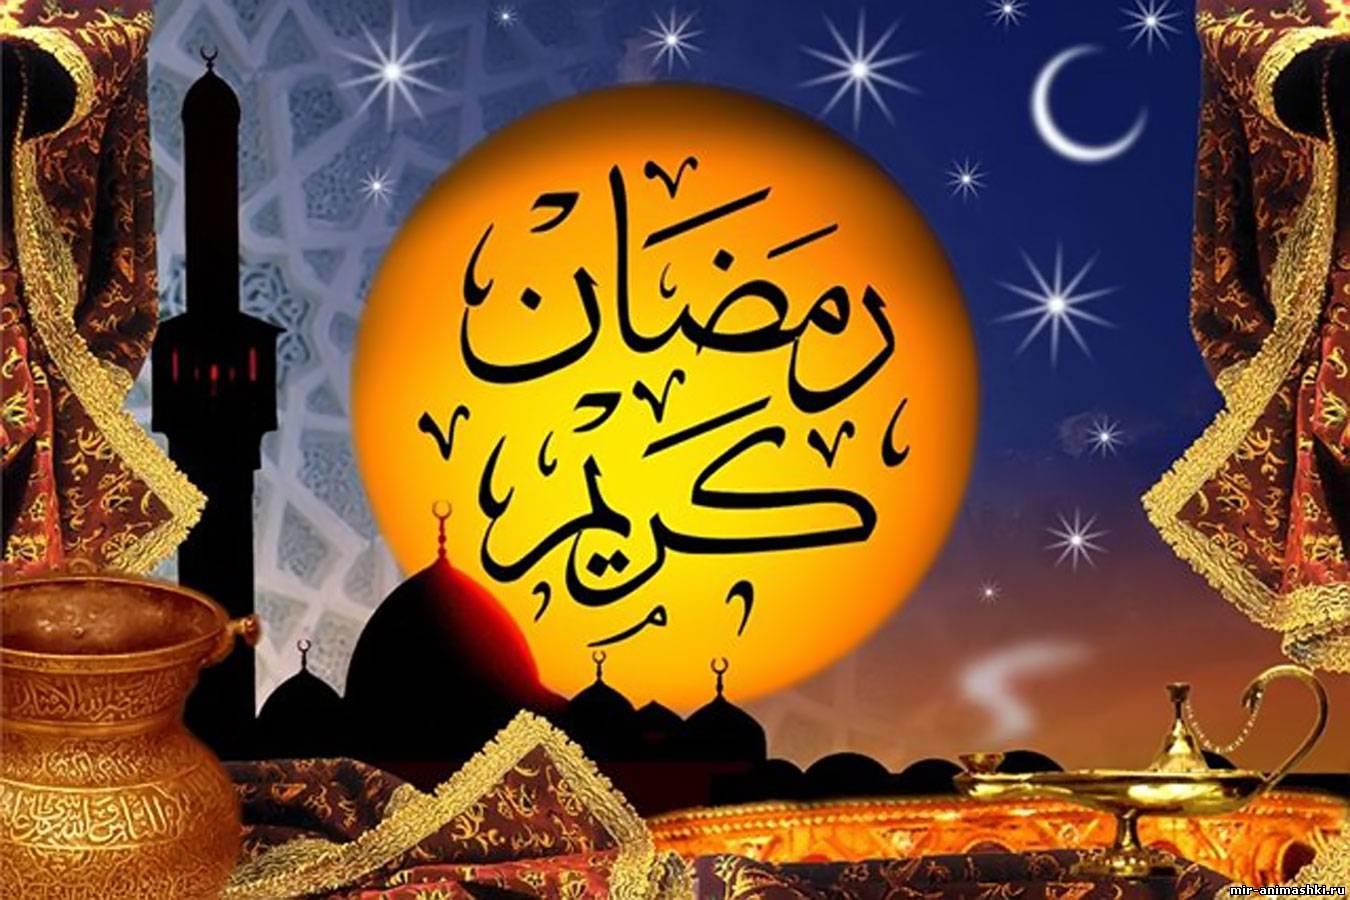 Мусульманские поздравления с Днем Рождения 1